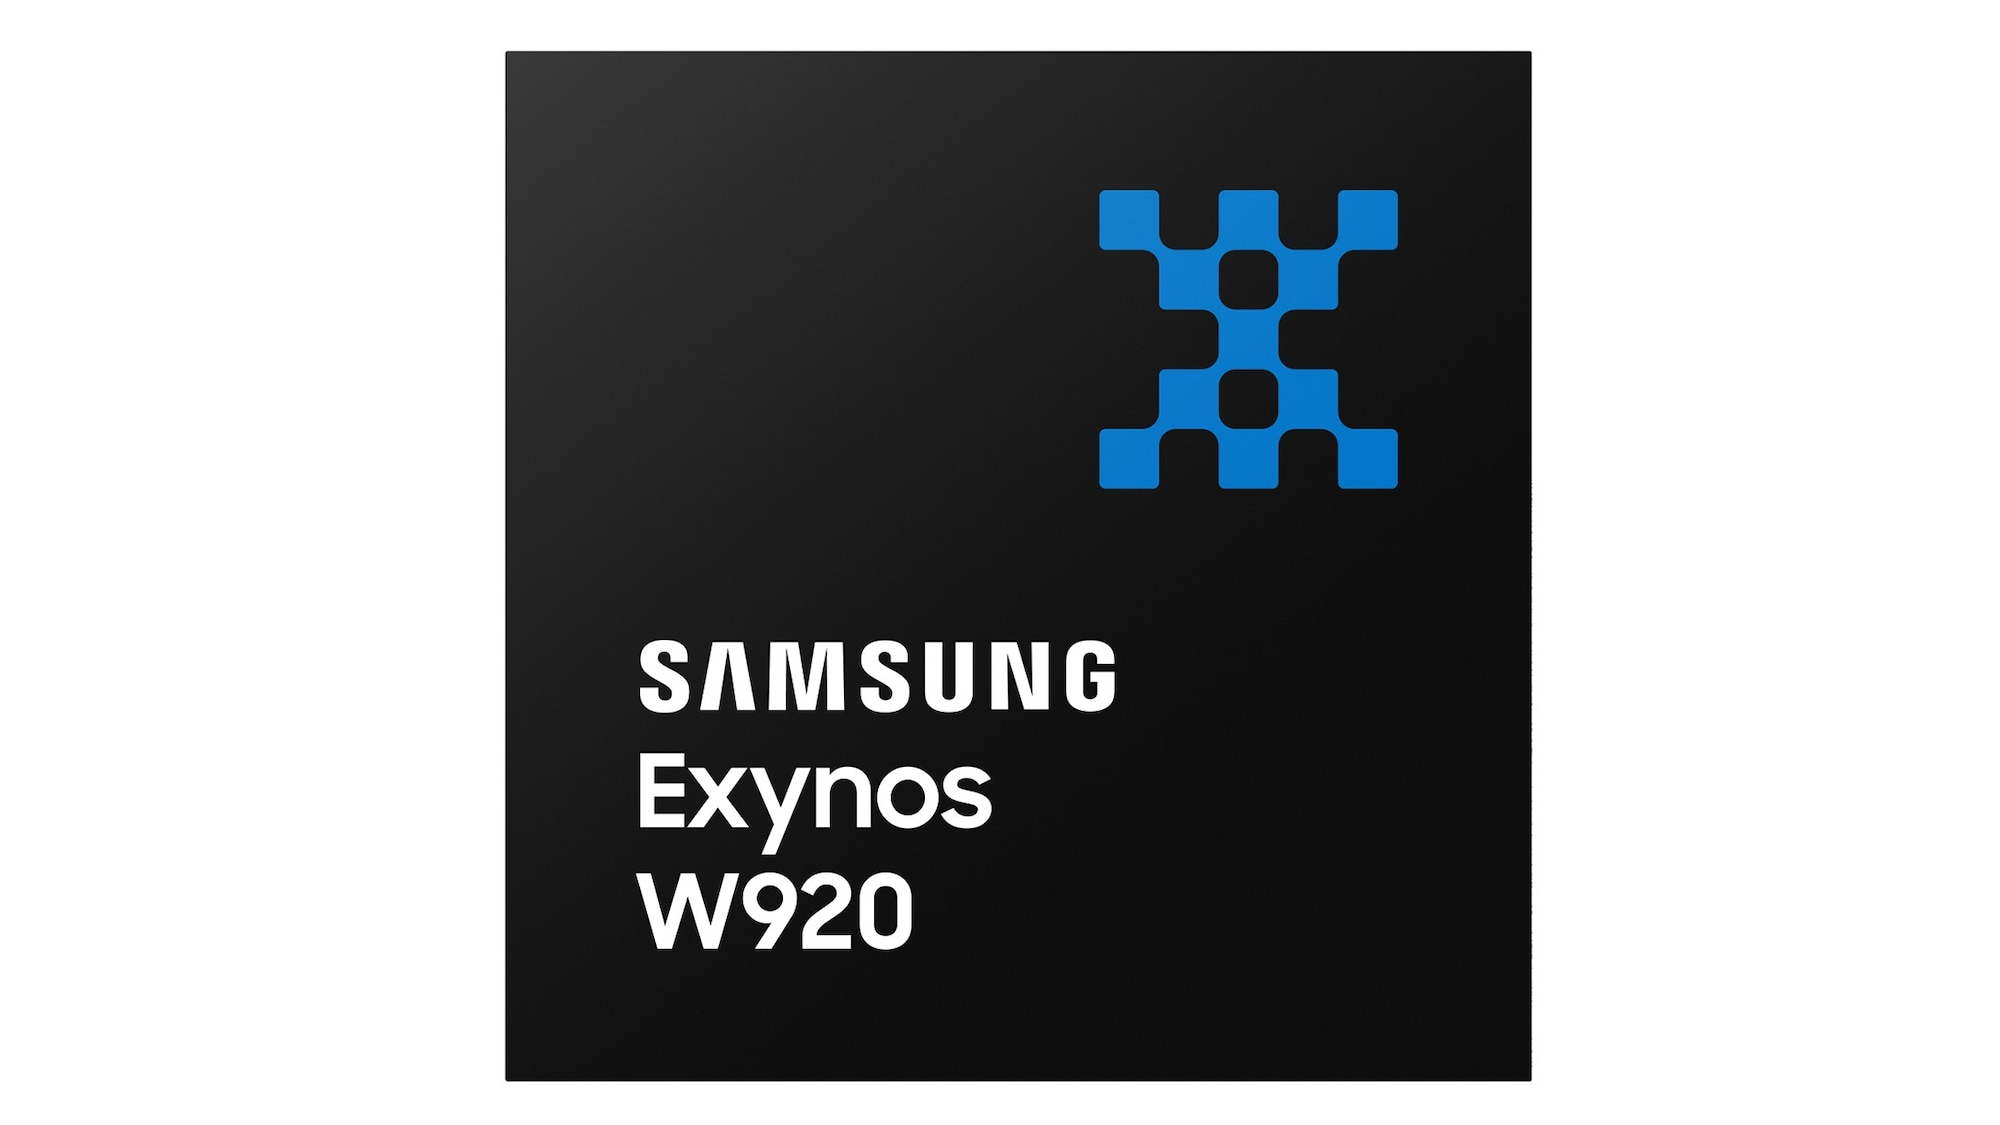 Le processeur Exynos W920 contient deux cœurs Arm Cortex-A55 et un GPU Arm Mali-G68.  Image: Samsung